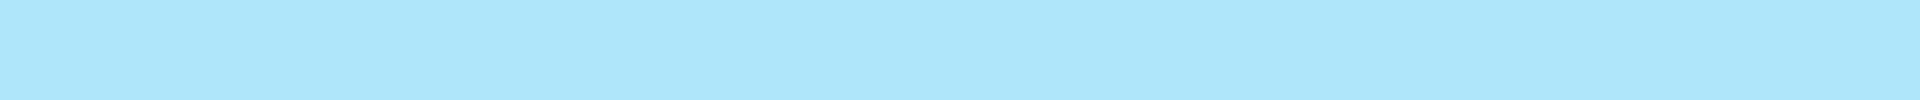 biggles section base blue